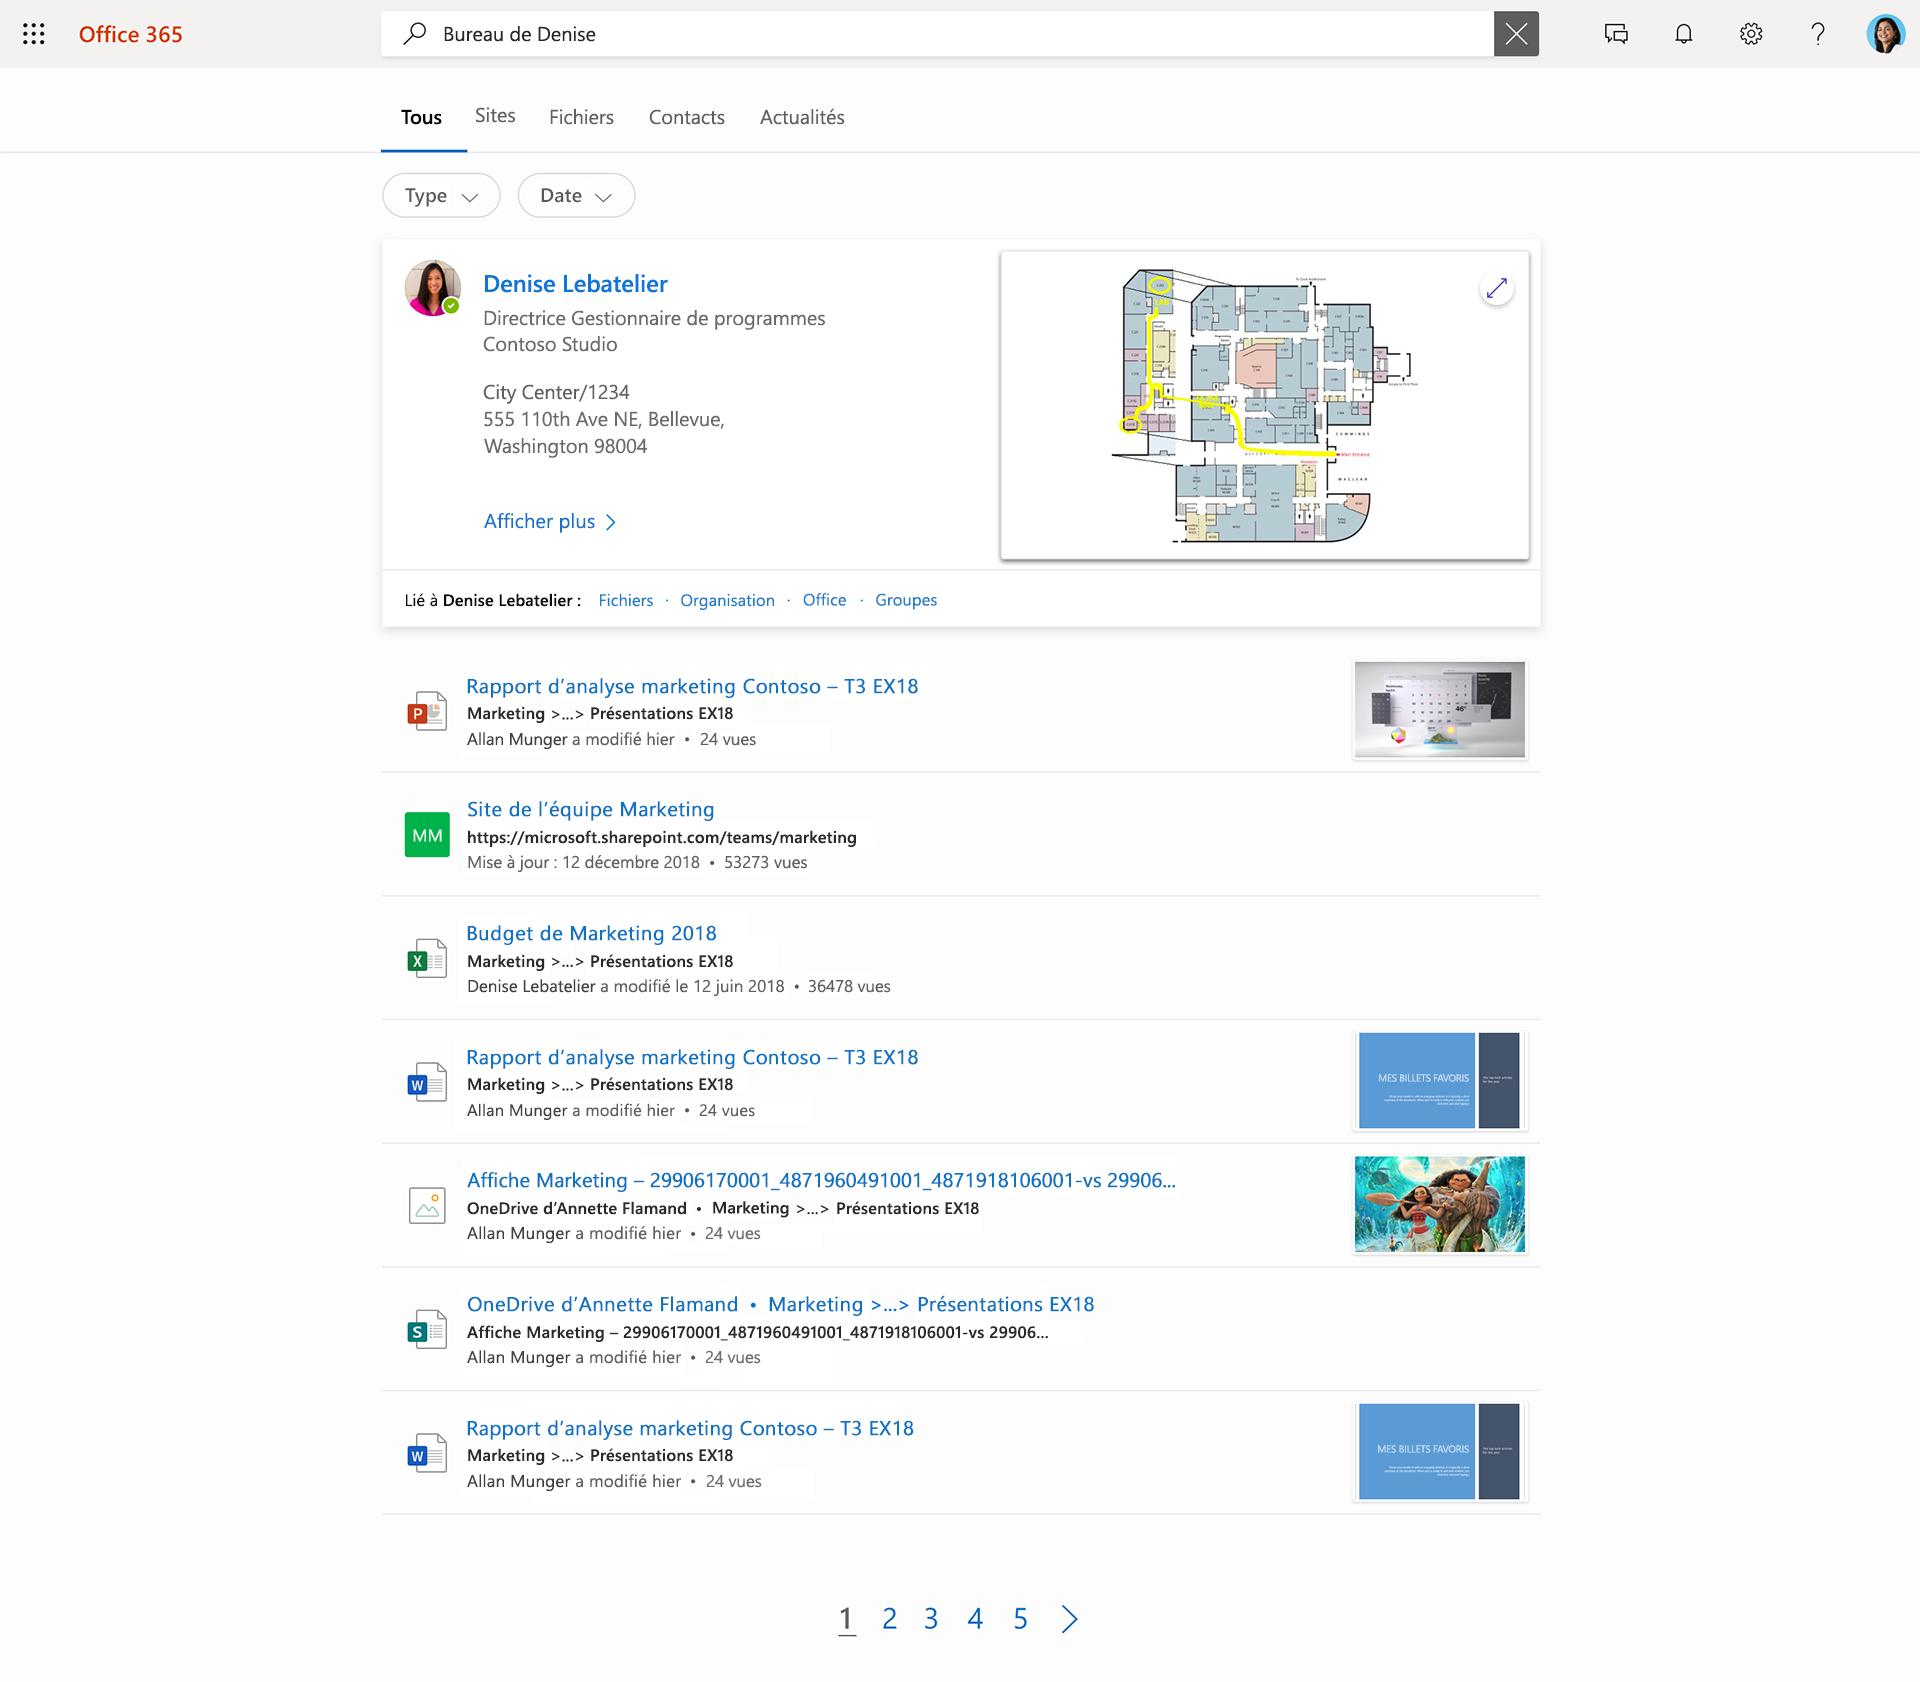 Image de Recherche Microsoft.Après que l'utilisatrice a tapé « Daisy office », des contacts, des fichiers et des sites se sont affichés sur sa liste.